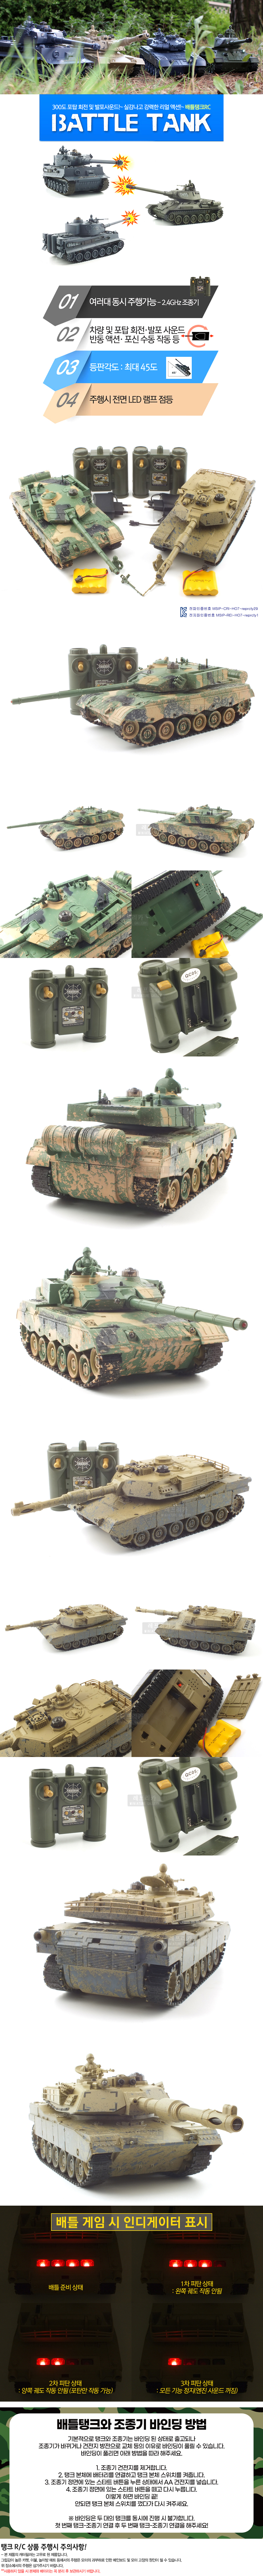 ZTZ-96A vs M1A2 배틀탱크 RC 세트 - 레프리카, 85,000원, R/C 카, 전동 R/C카